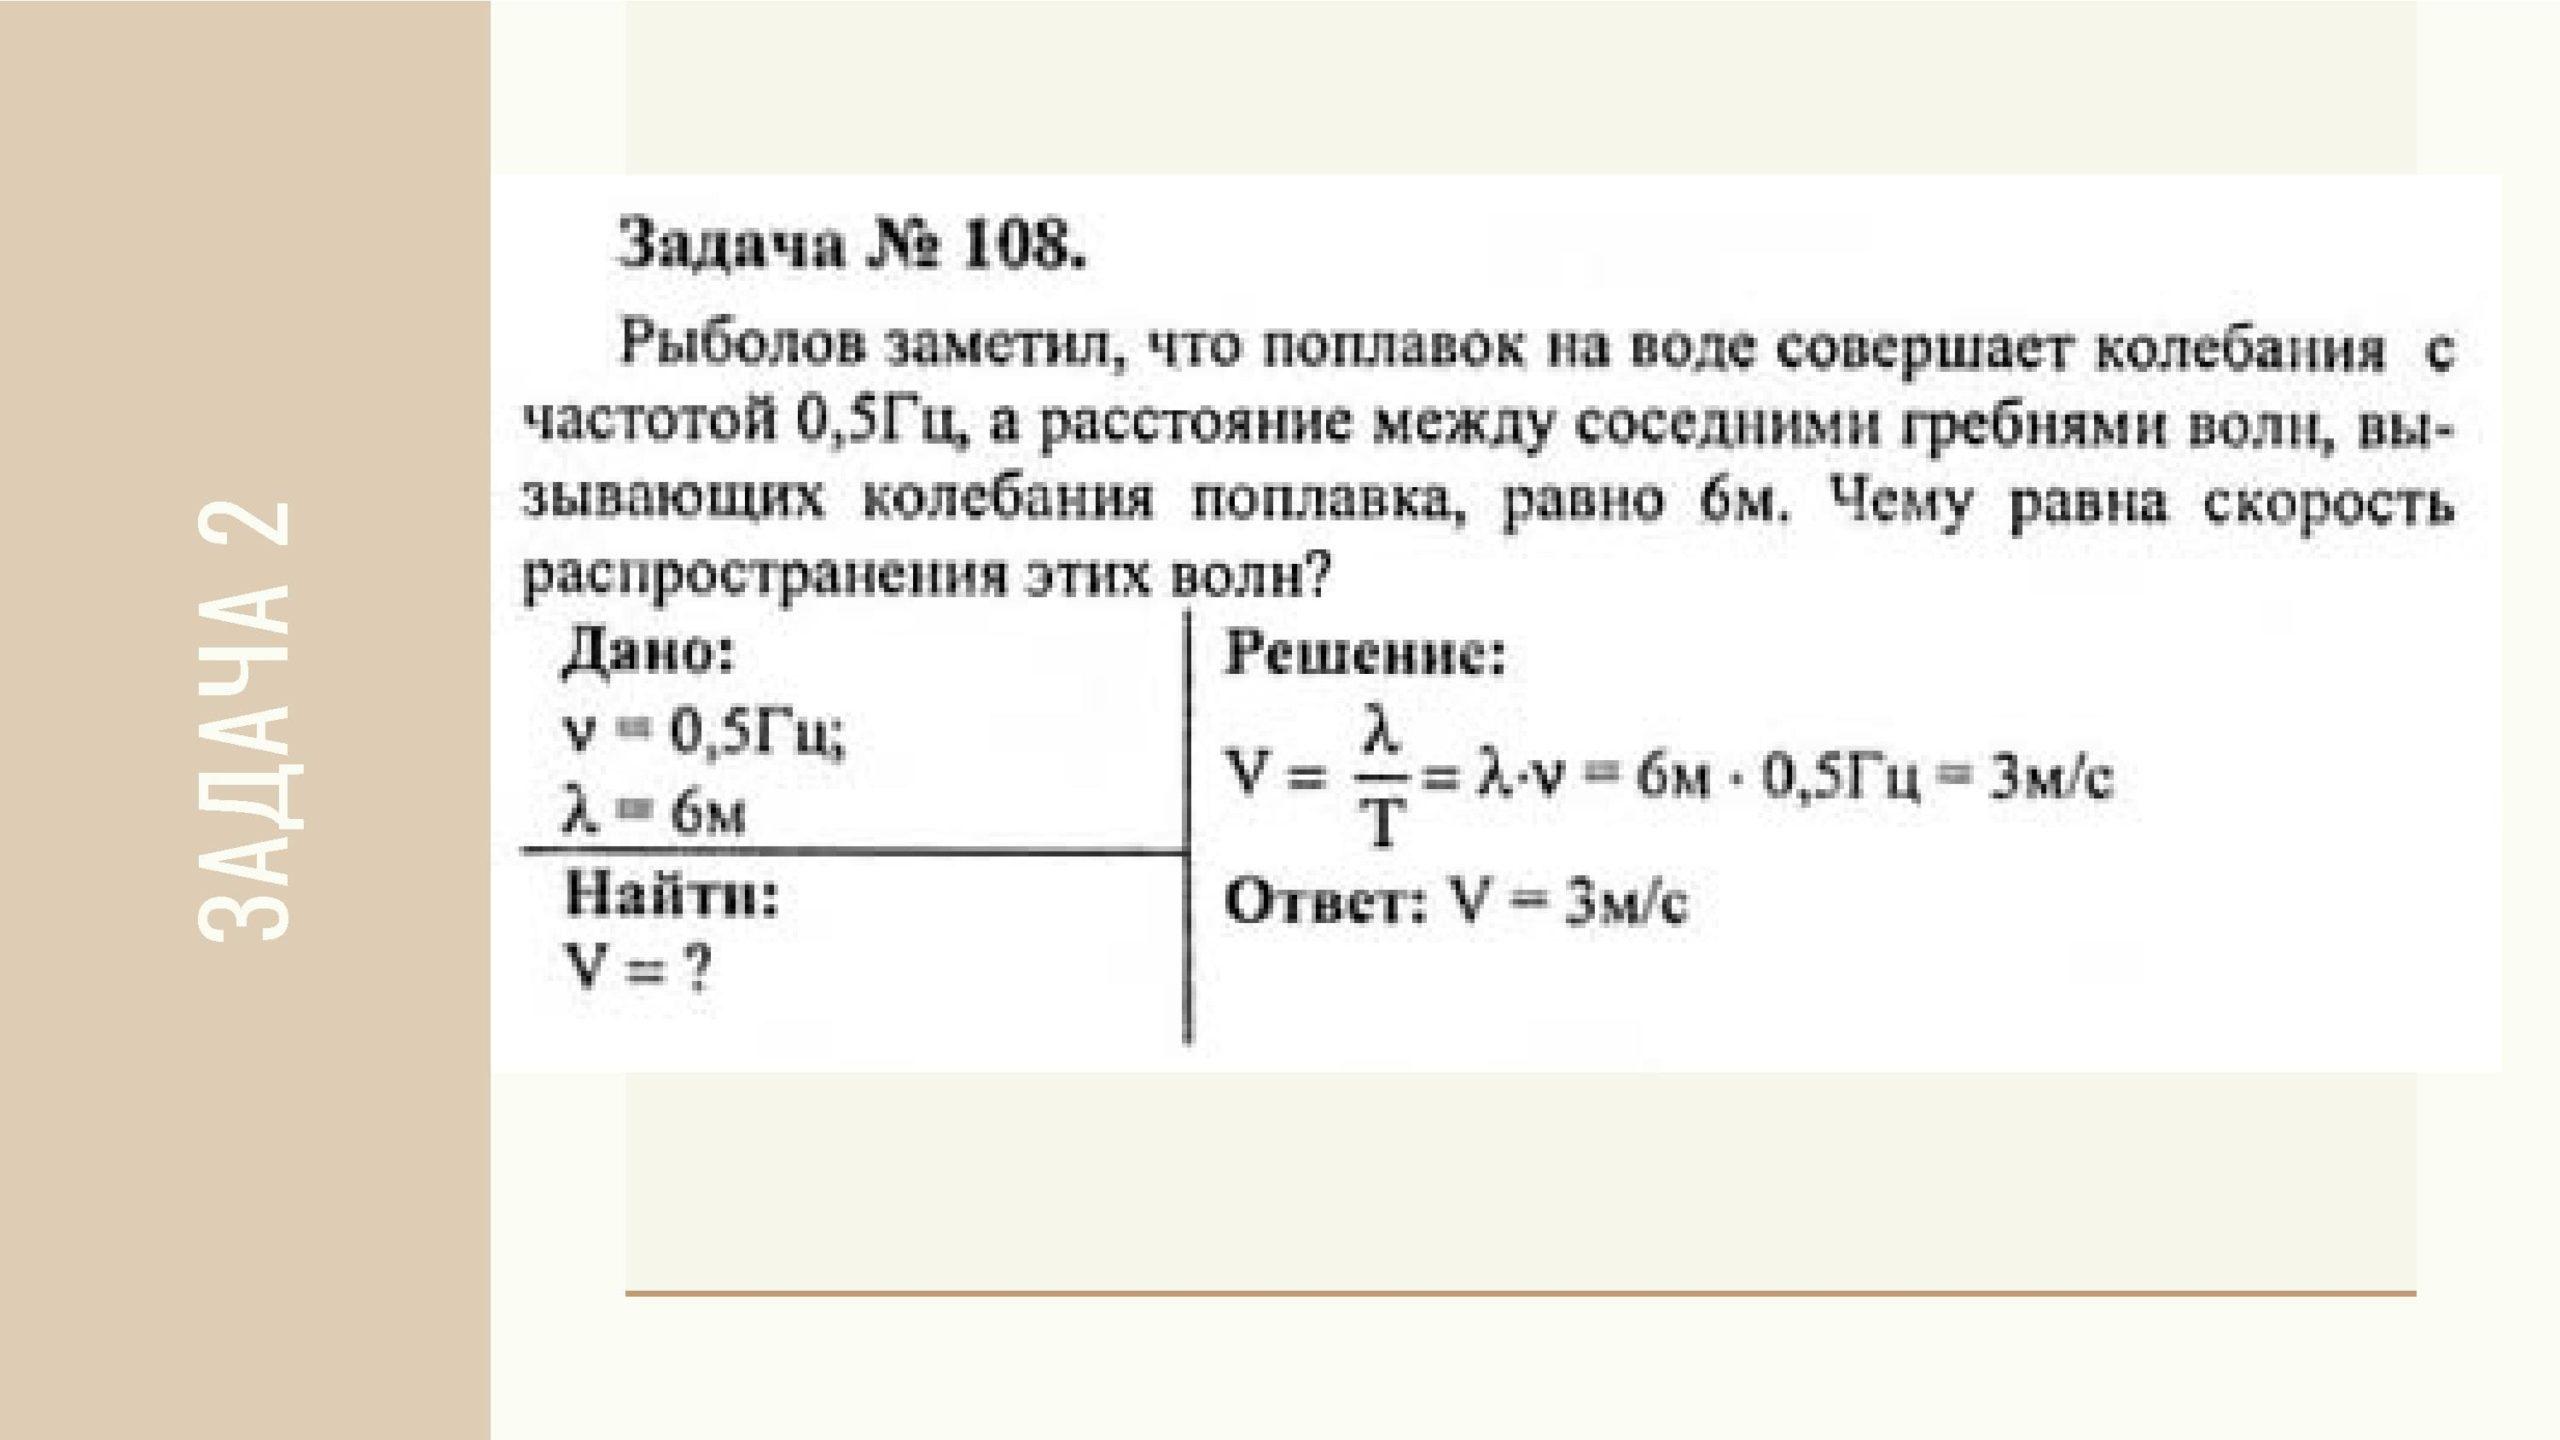 Задача 2 (108) с решением. Рыболов заметил, что поплавок на воде совершает колебания